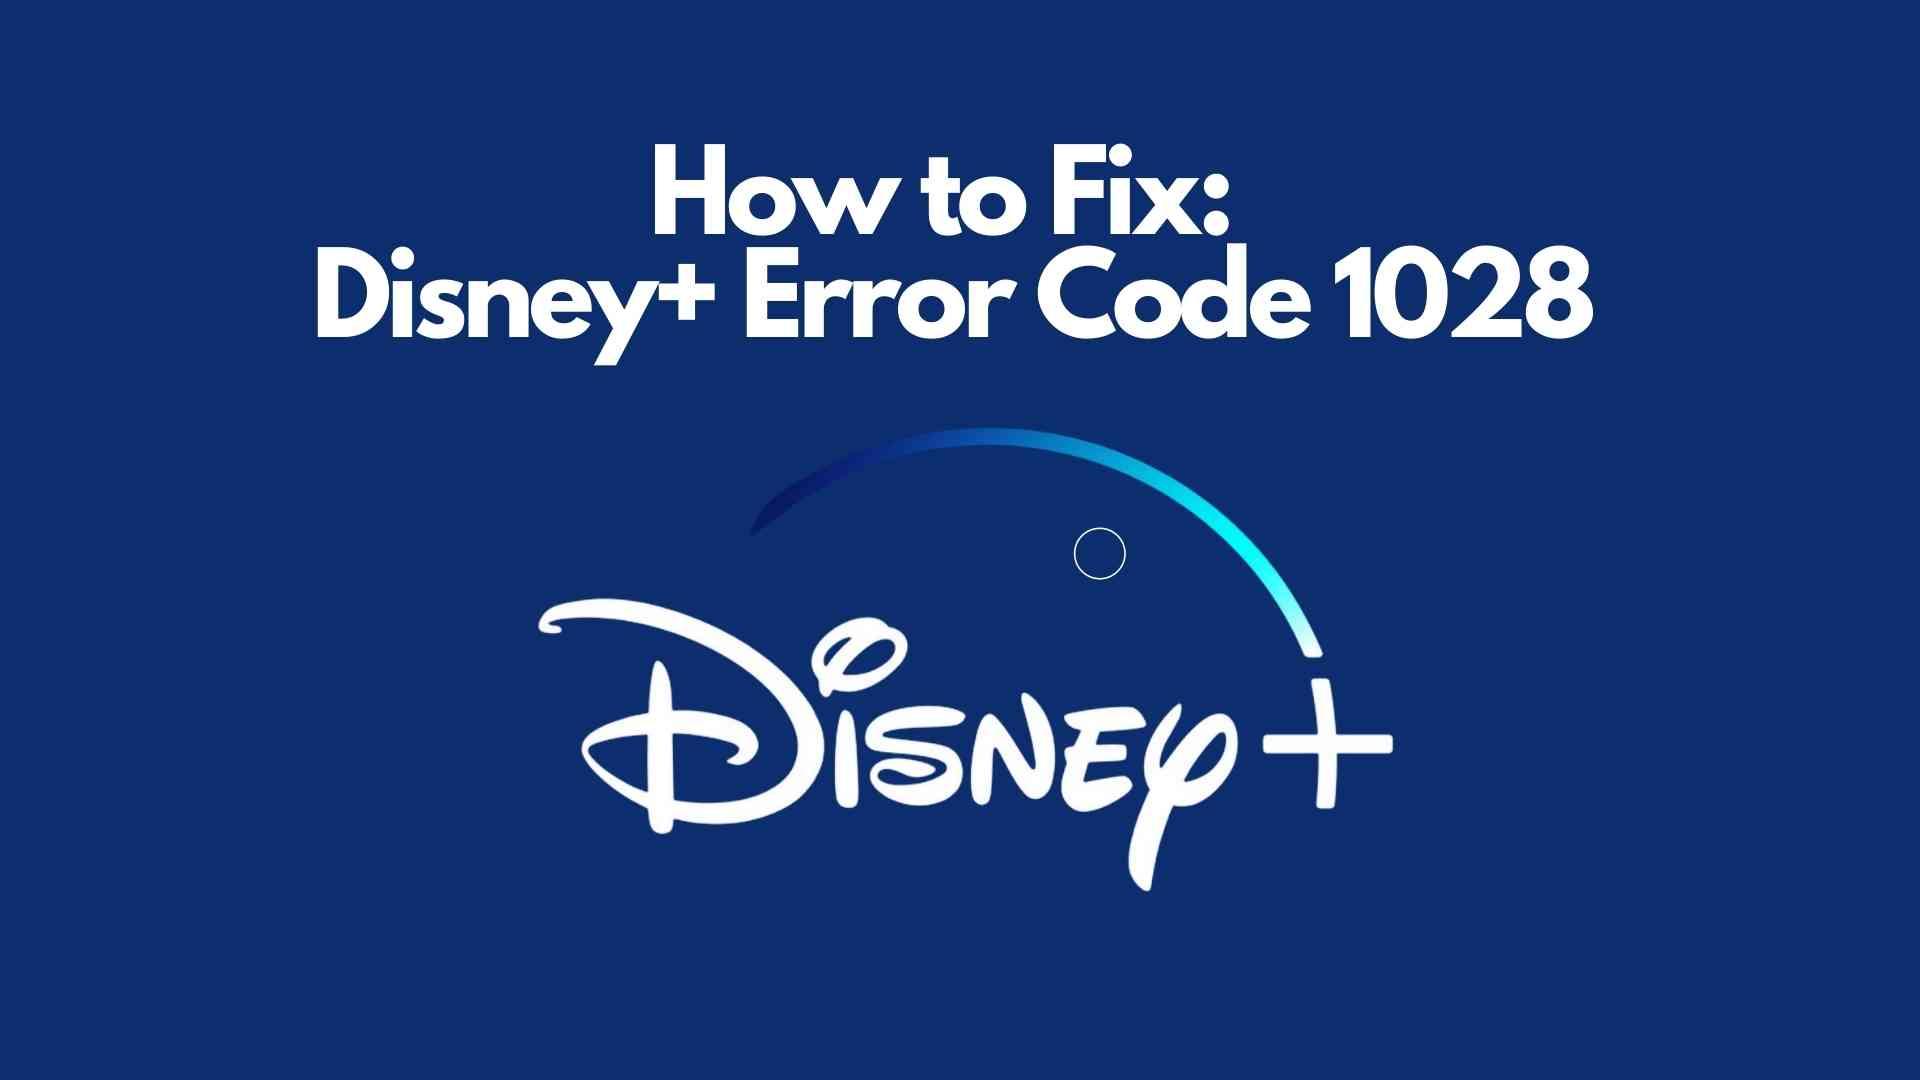 Disney Plus Error Code 1028